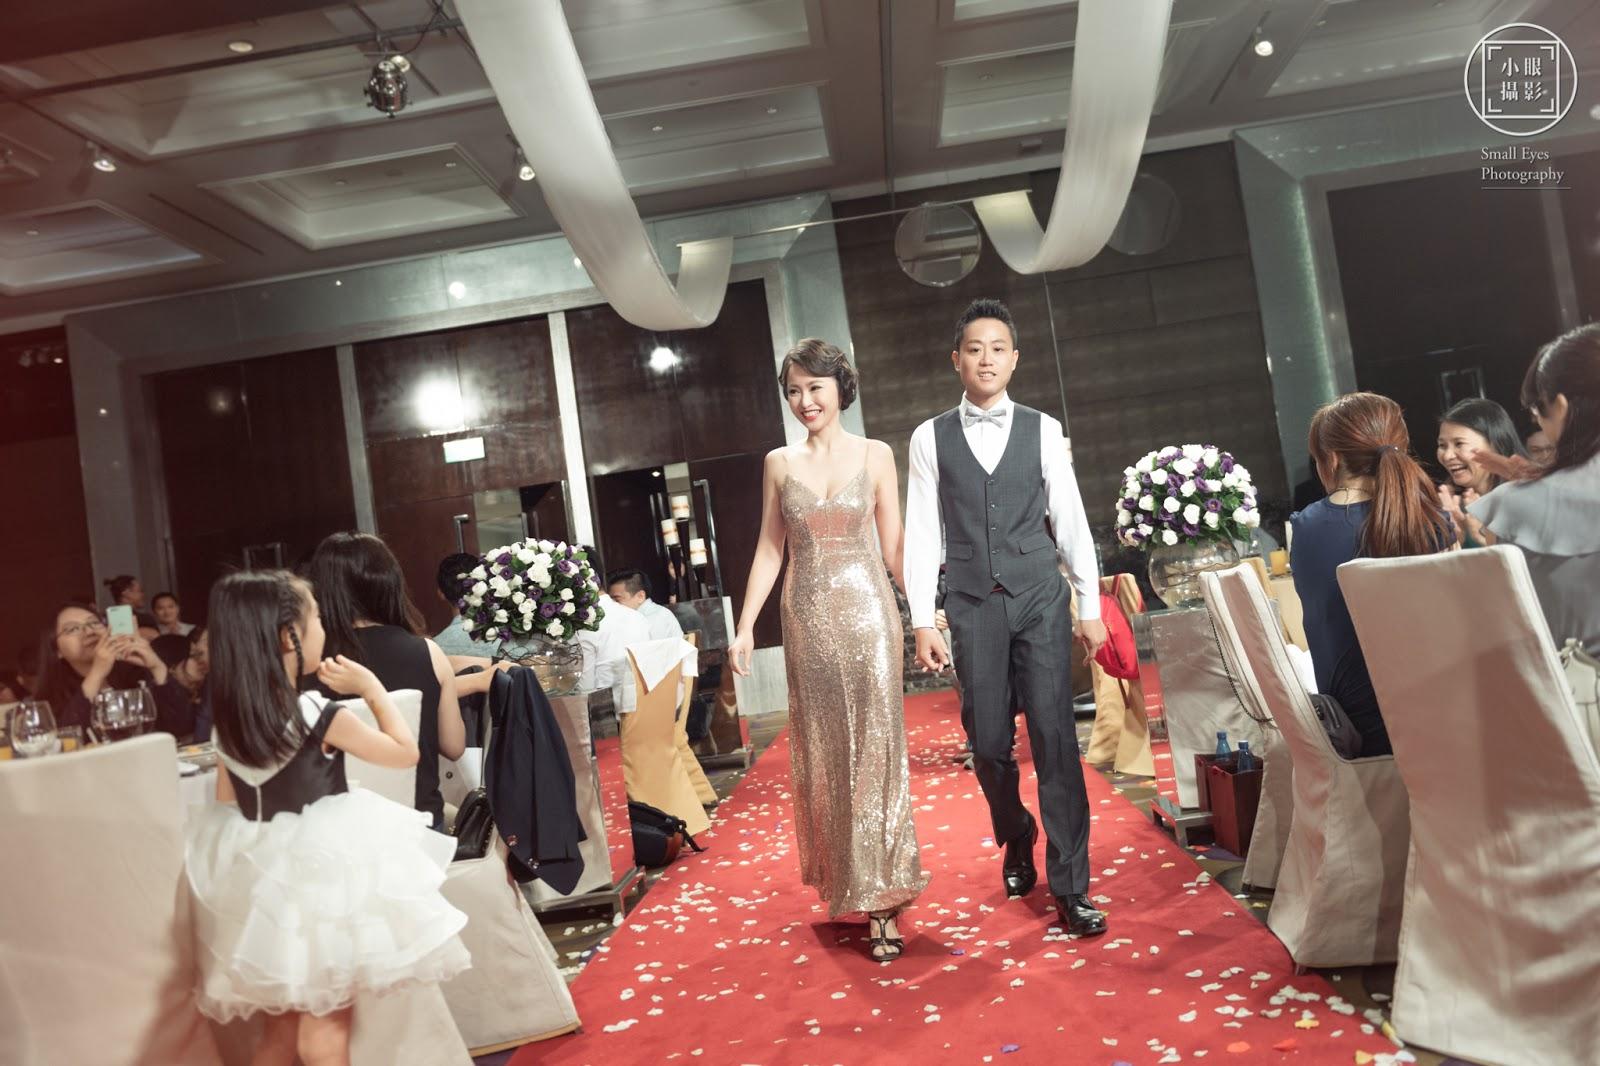 婚攝,小眼攝影,婚禮紀實,婚禮紀錄,婚紗,國內婚紗,海外婚紗,寫真,婚攝小眼,台北,君悅,君悅酒店,Grand Hyatt Taipei,自主婚紗,自助婚紗